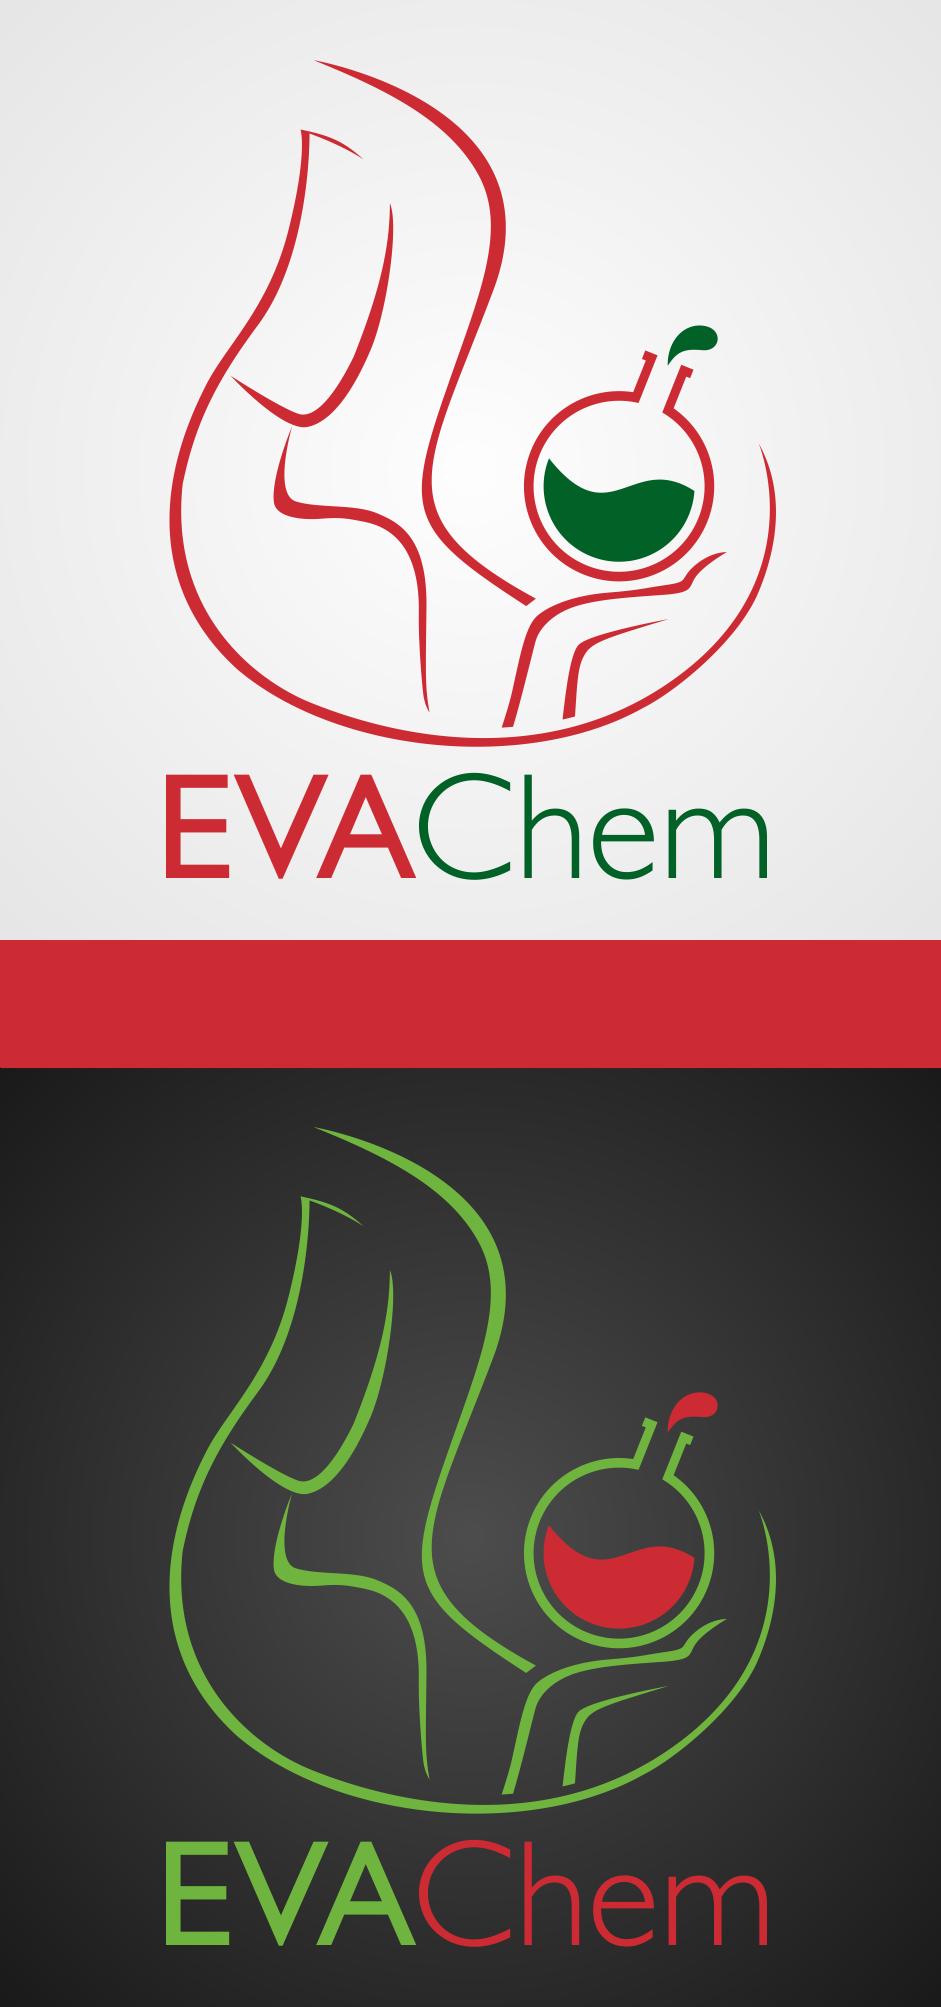 Разработка логотипа и фирменного стиля компании фото f_114571e5608e9cb3.png